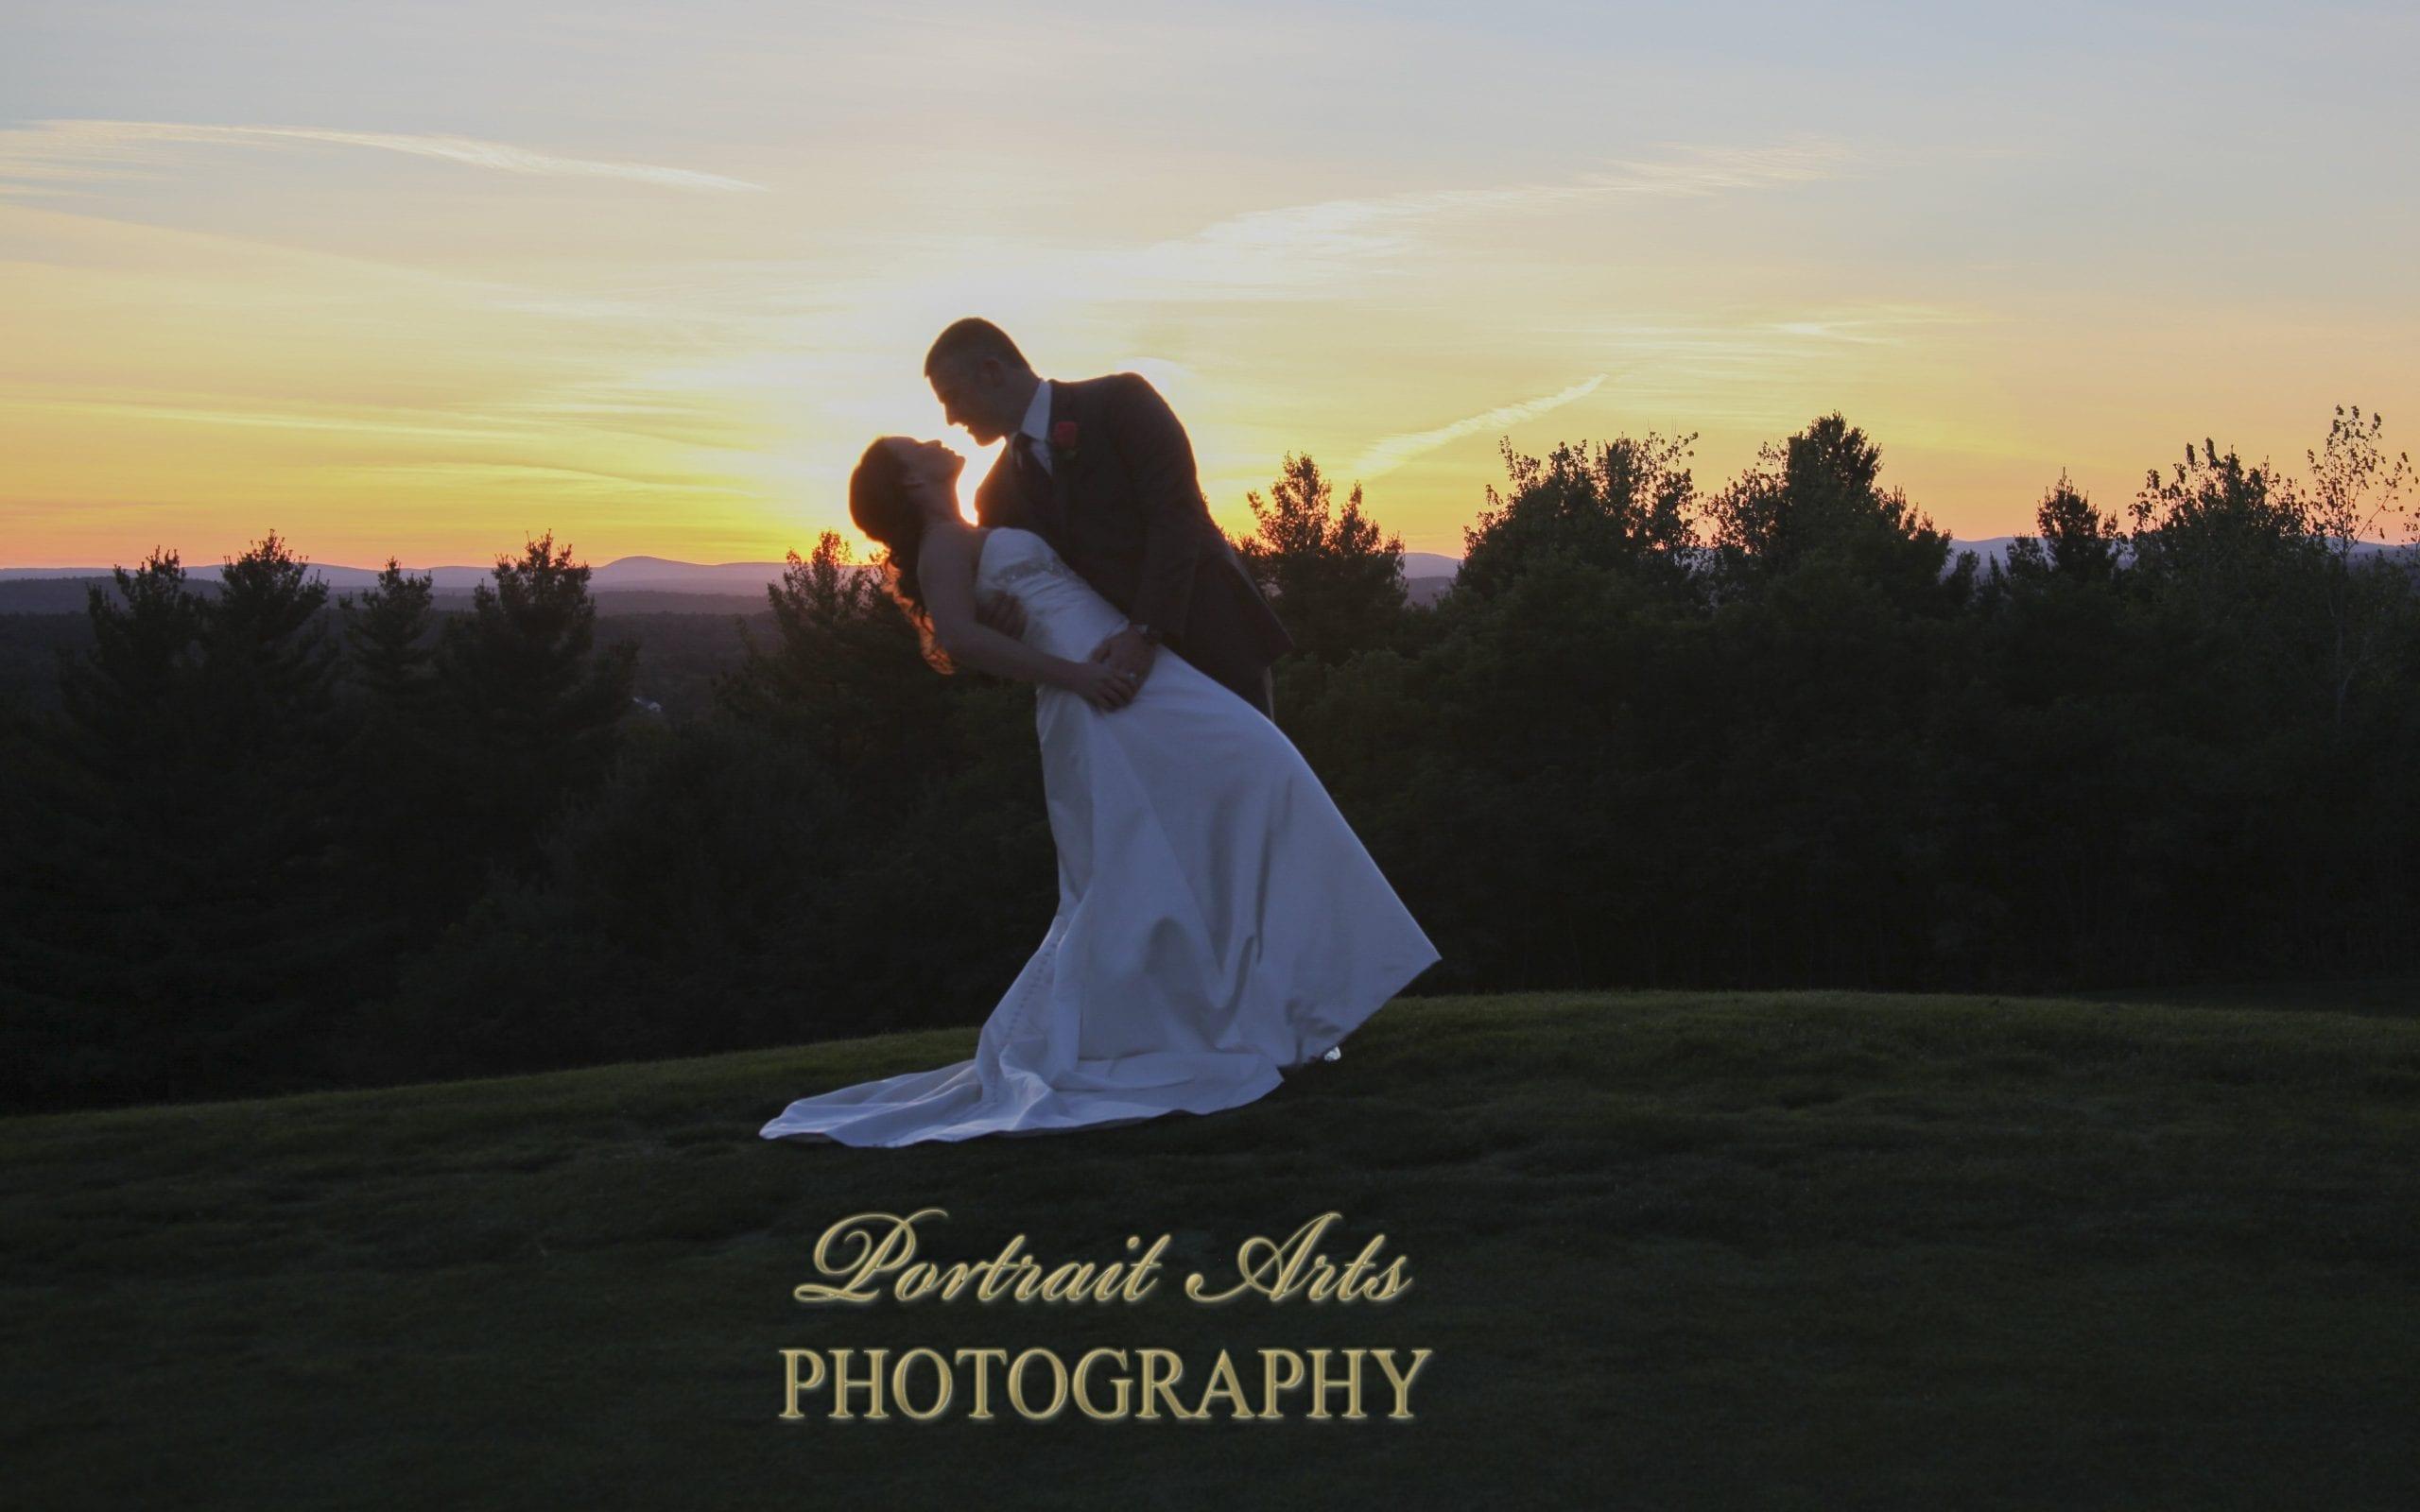 Portrait Arts Photography